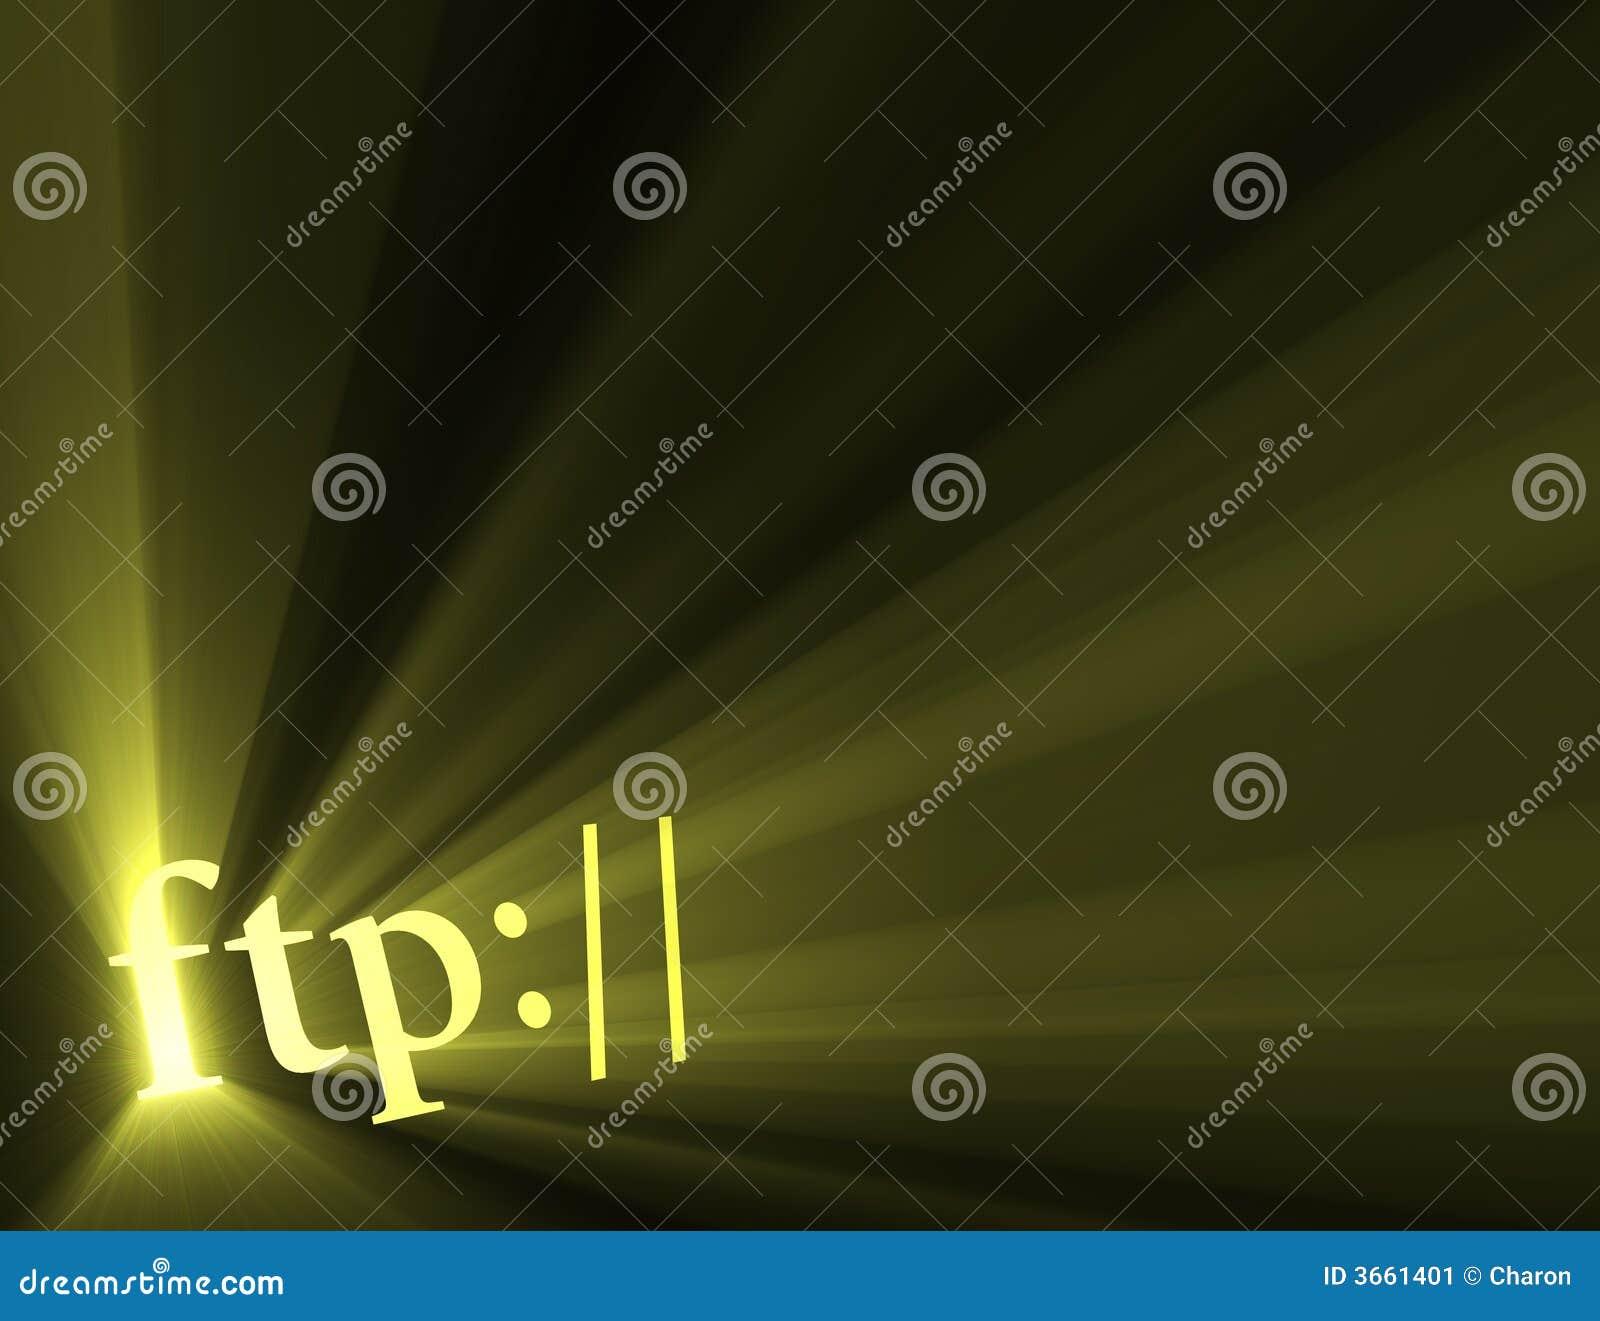 火光ftp亢奋互联网光连结符号